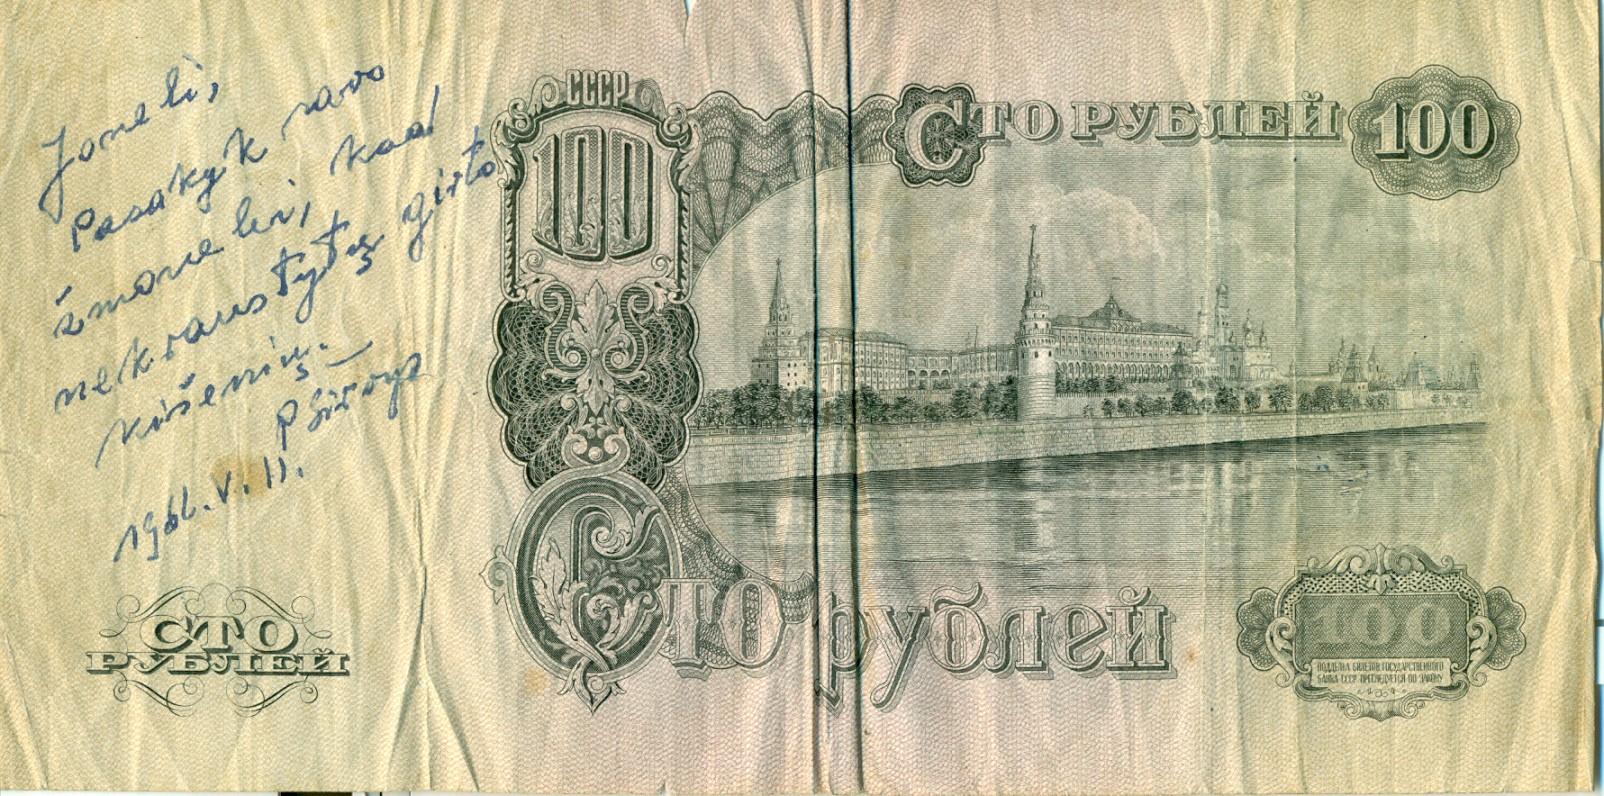 Palinkėjimas ant šimto rublių